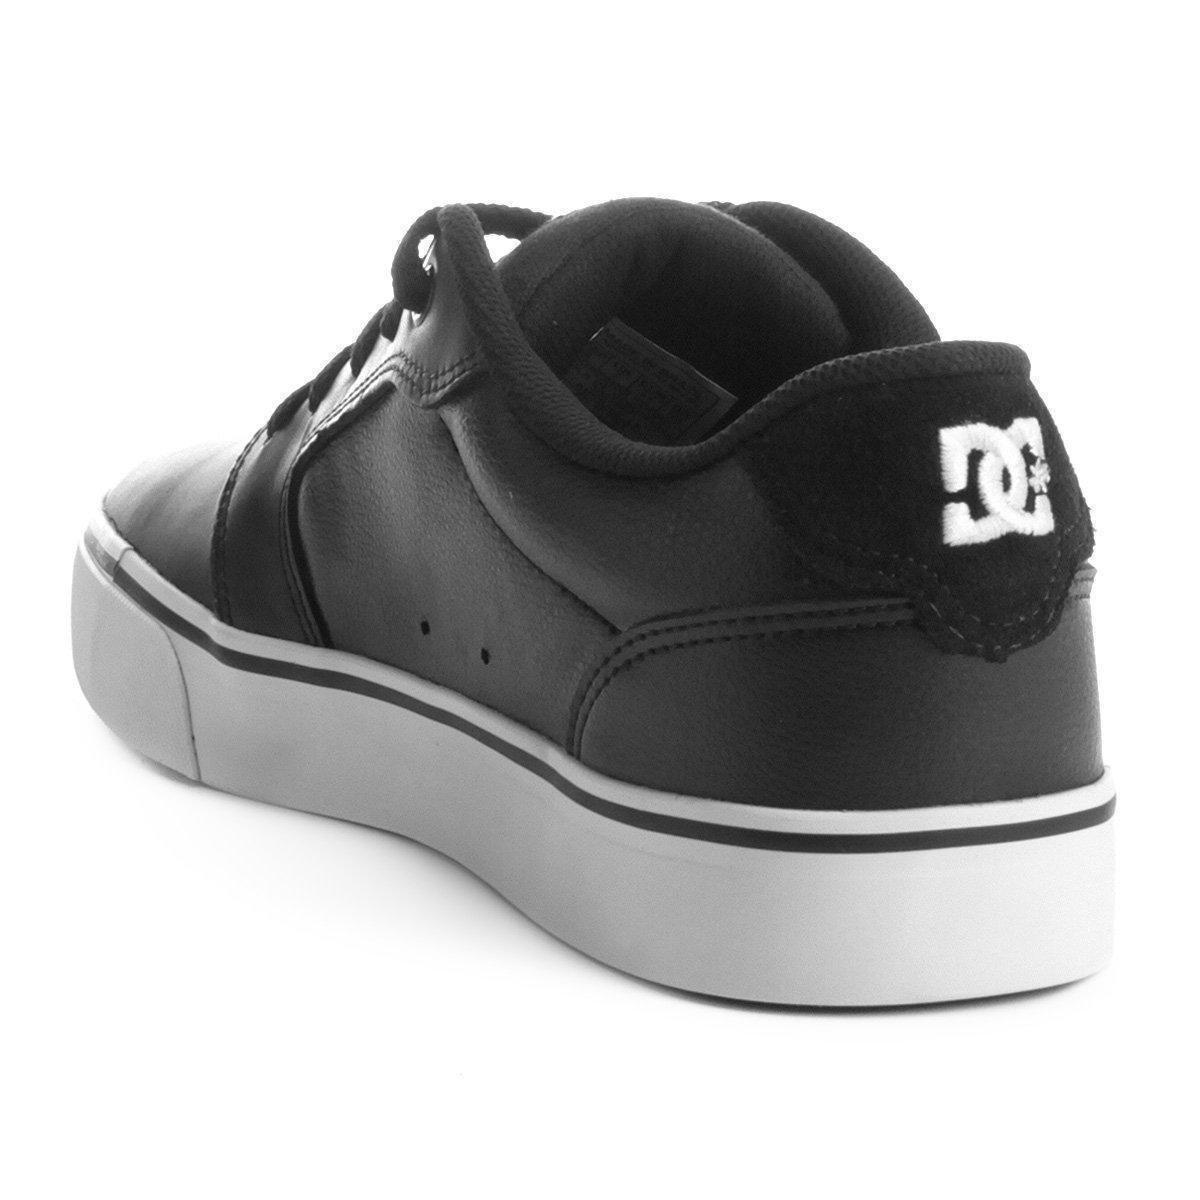 Tênis Dc Shoes Anvil Le La Masculino - Preto e Branco - Compre Agora ... fd3b9a11ebc13